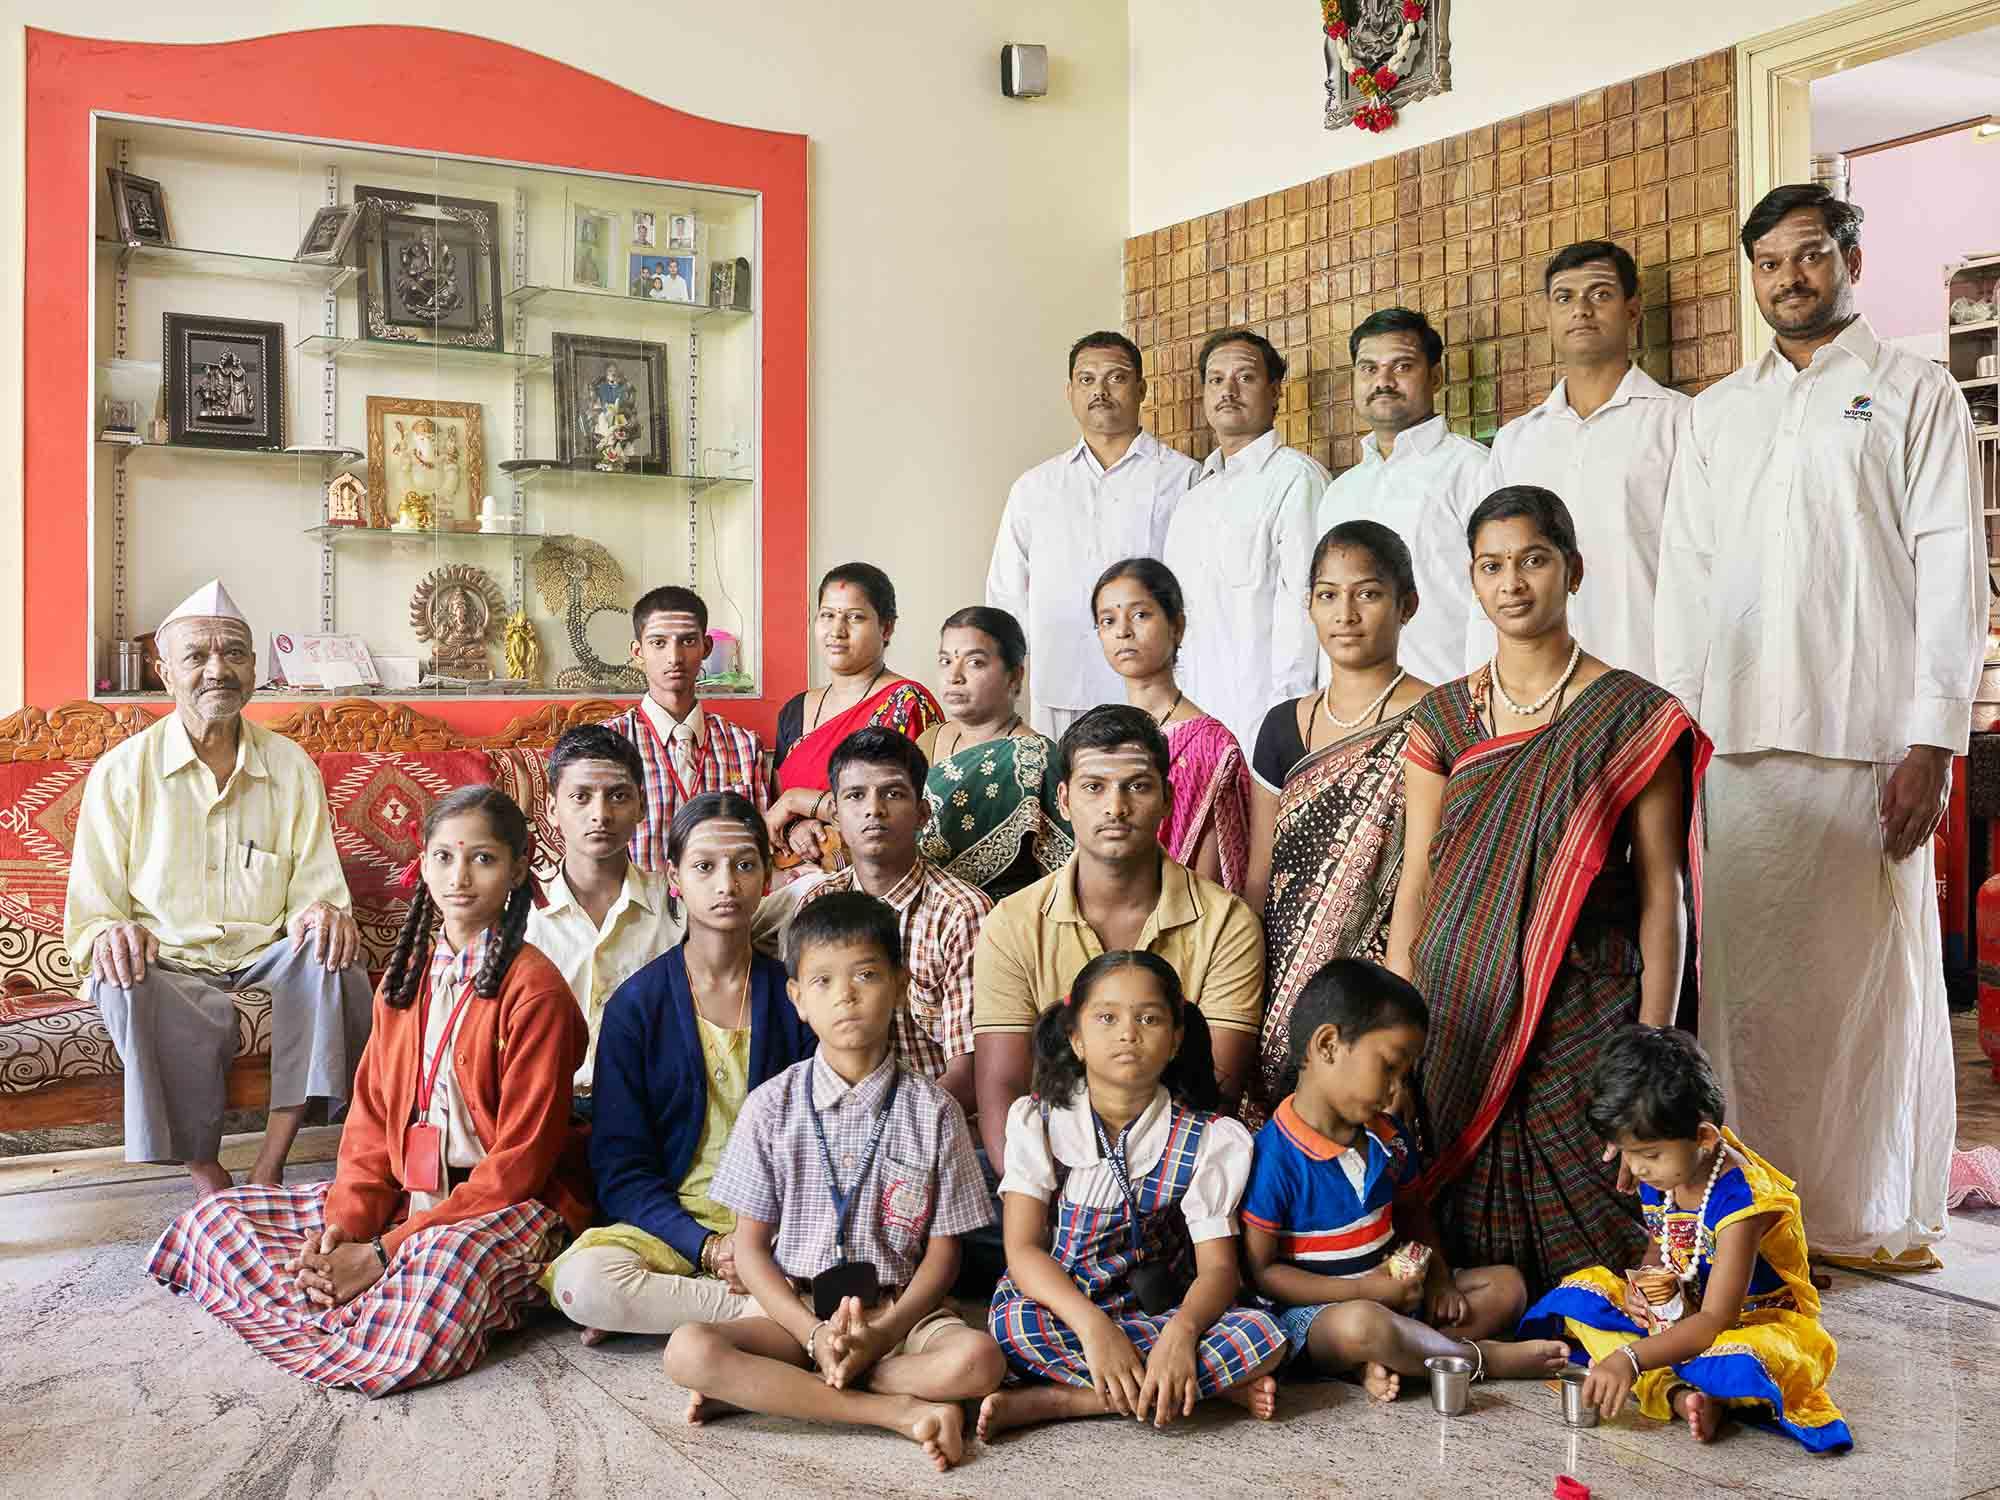 Nora Bibel, Panduranga, Bangalore, Indien, 2015. Aus der Serie Family Comes First